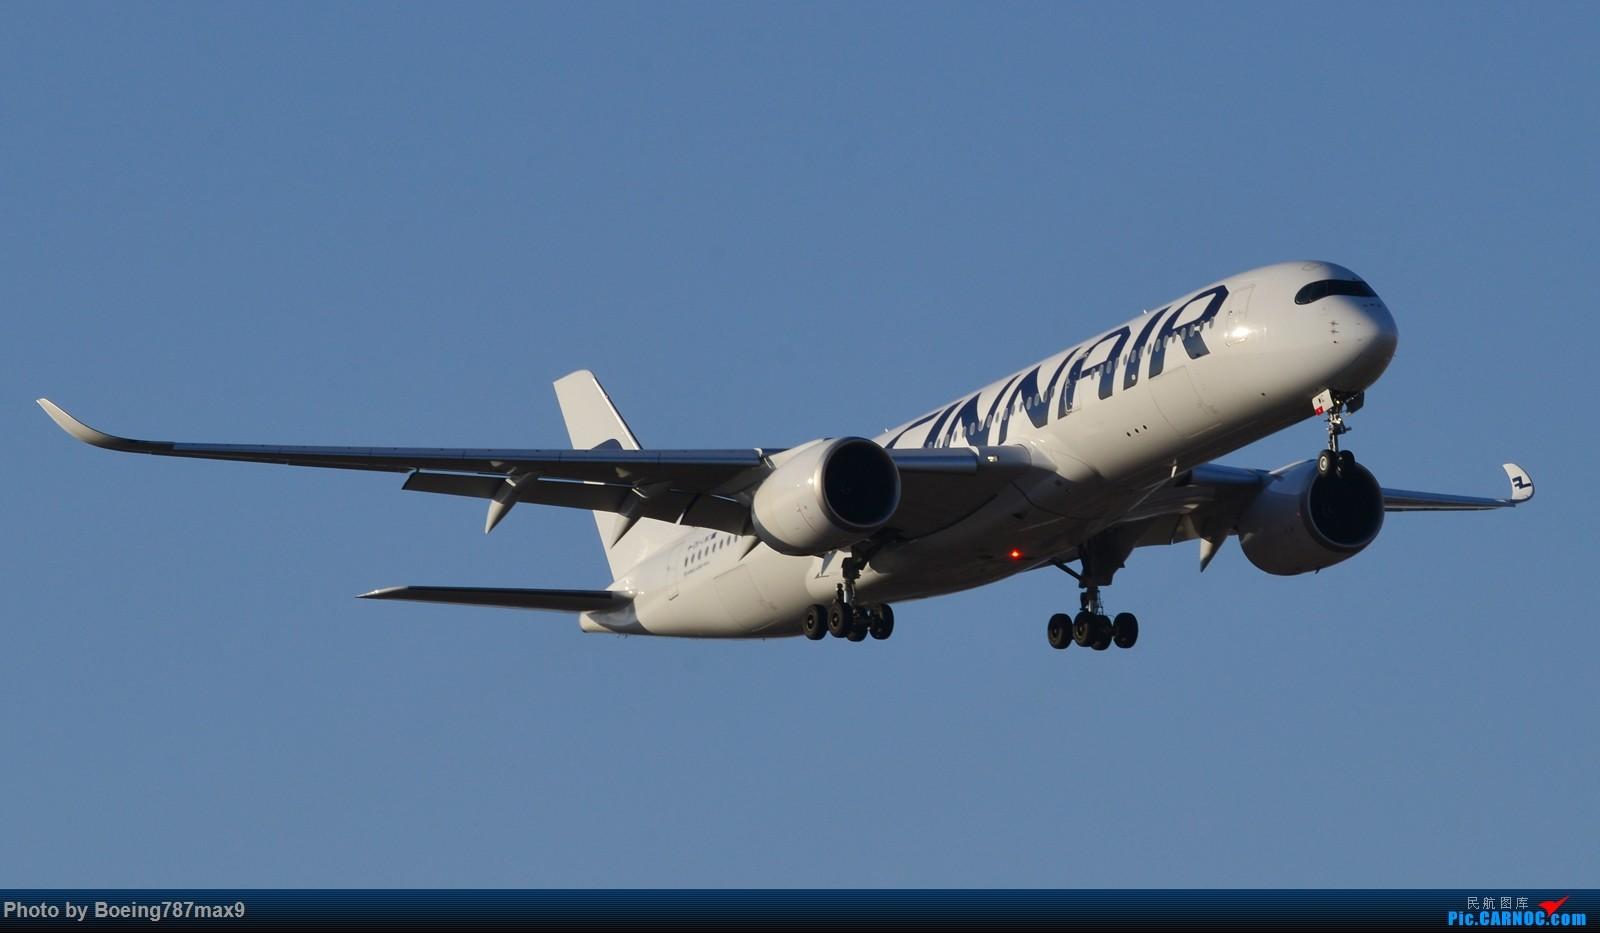 [原创]【PEK】在芬航359停飞北京的前一天,去机场捕获350-900【1600高清大图】 AIRBUS A350-900 OH-LWC 中国北京首都国际机场